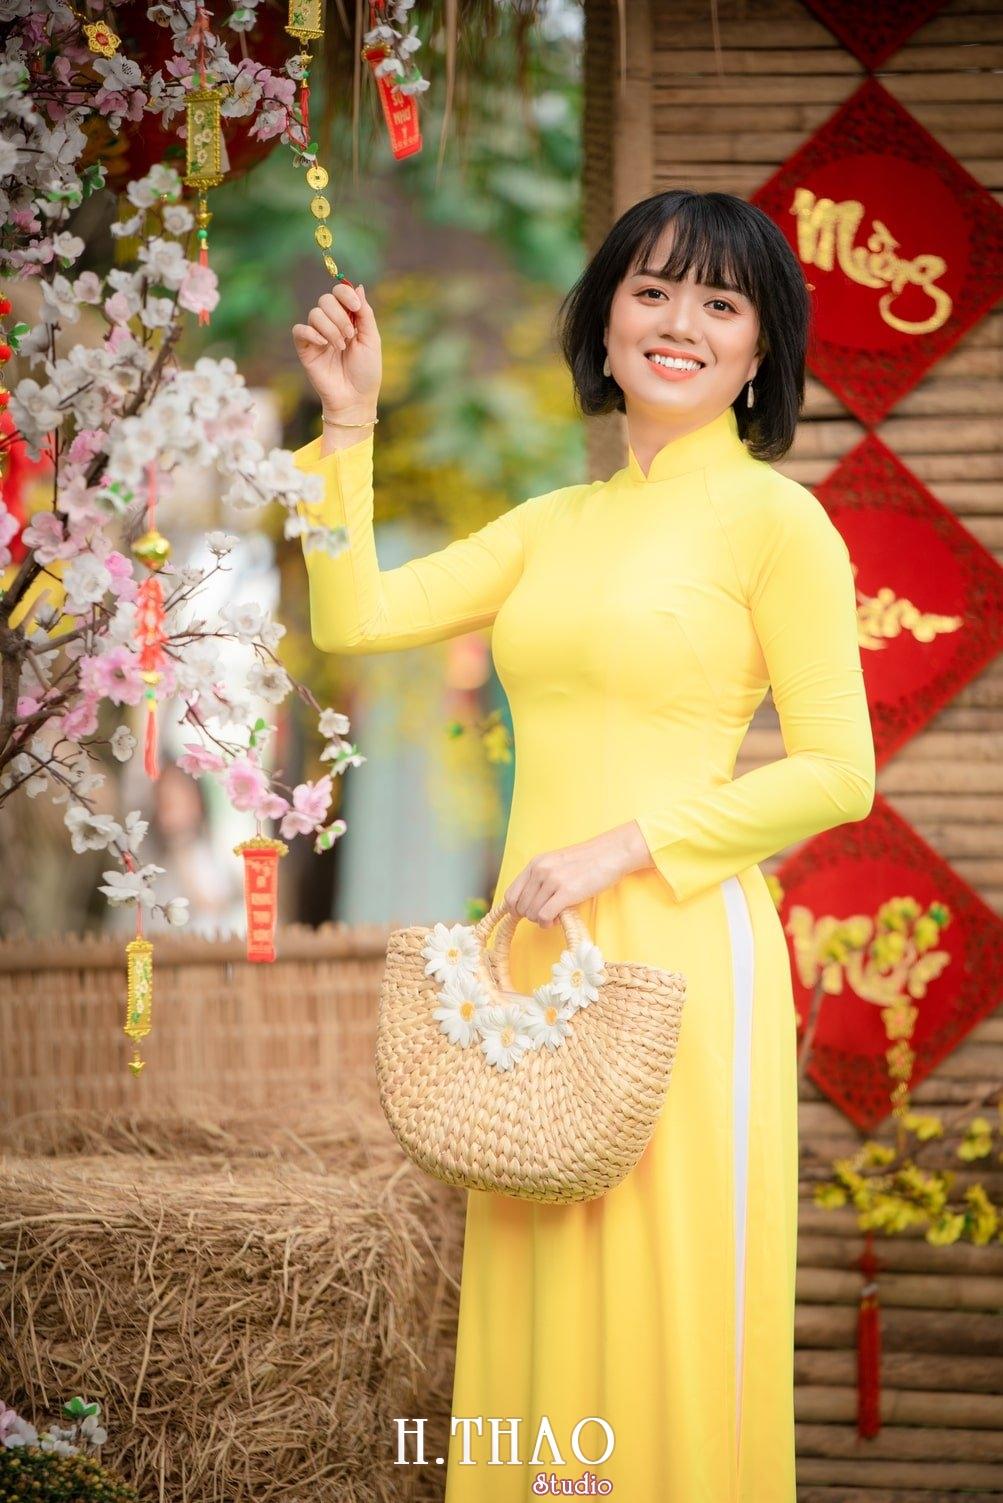 Ao dai tet 2021 11 - Album áo dài xuân chị Trang chụp tại Alibaba tuyệt đẹp - HThao Studio